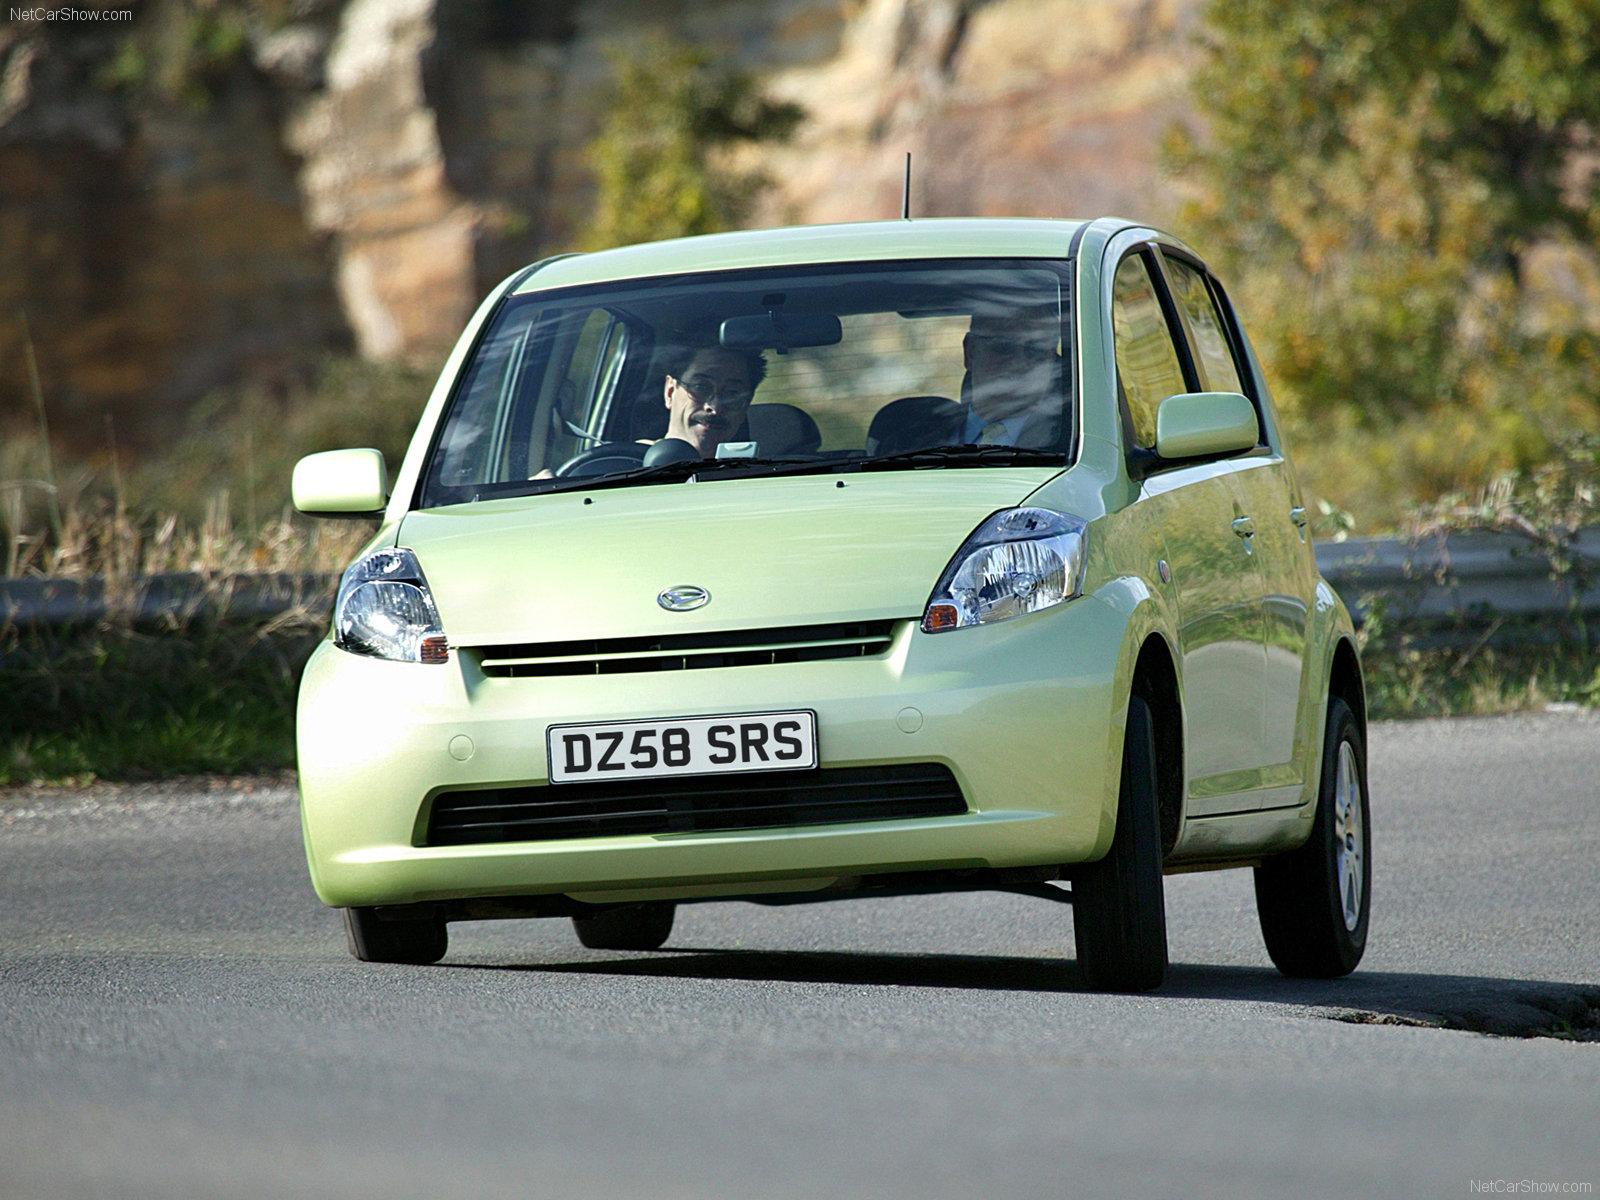 Hình ảnh xe ô tô Daihatsu Sirion 2007 & nội ngoại thất